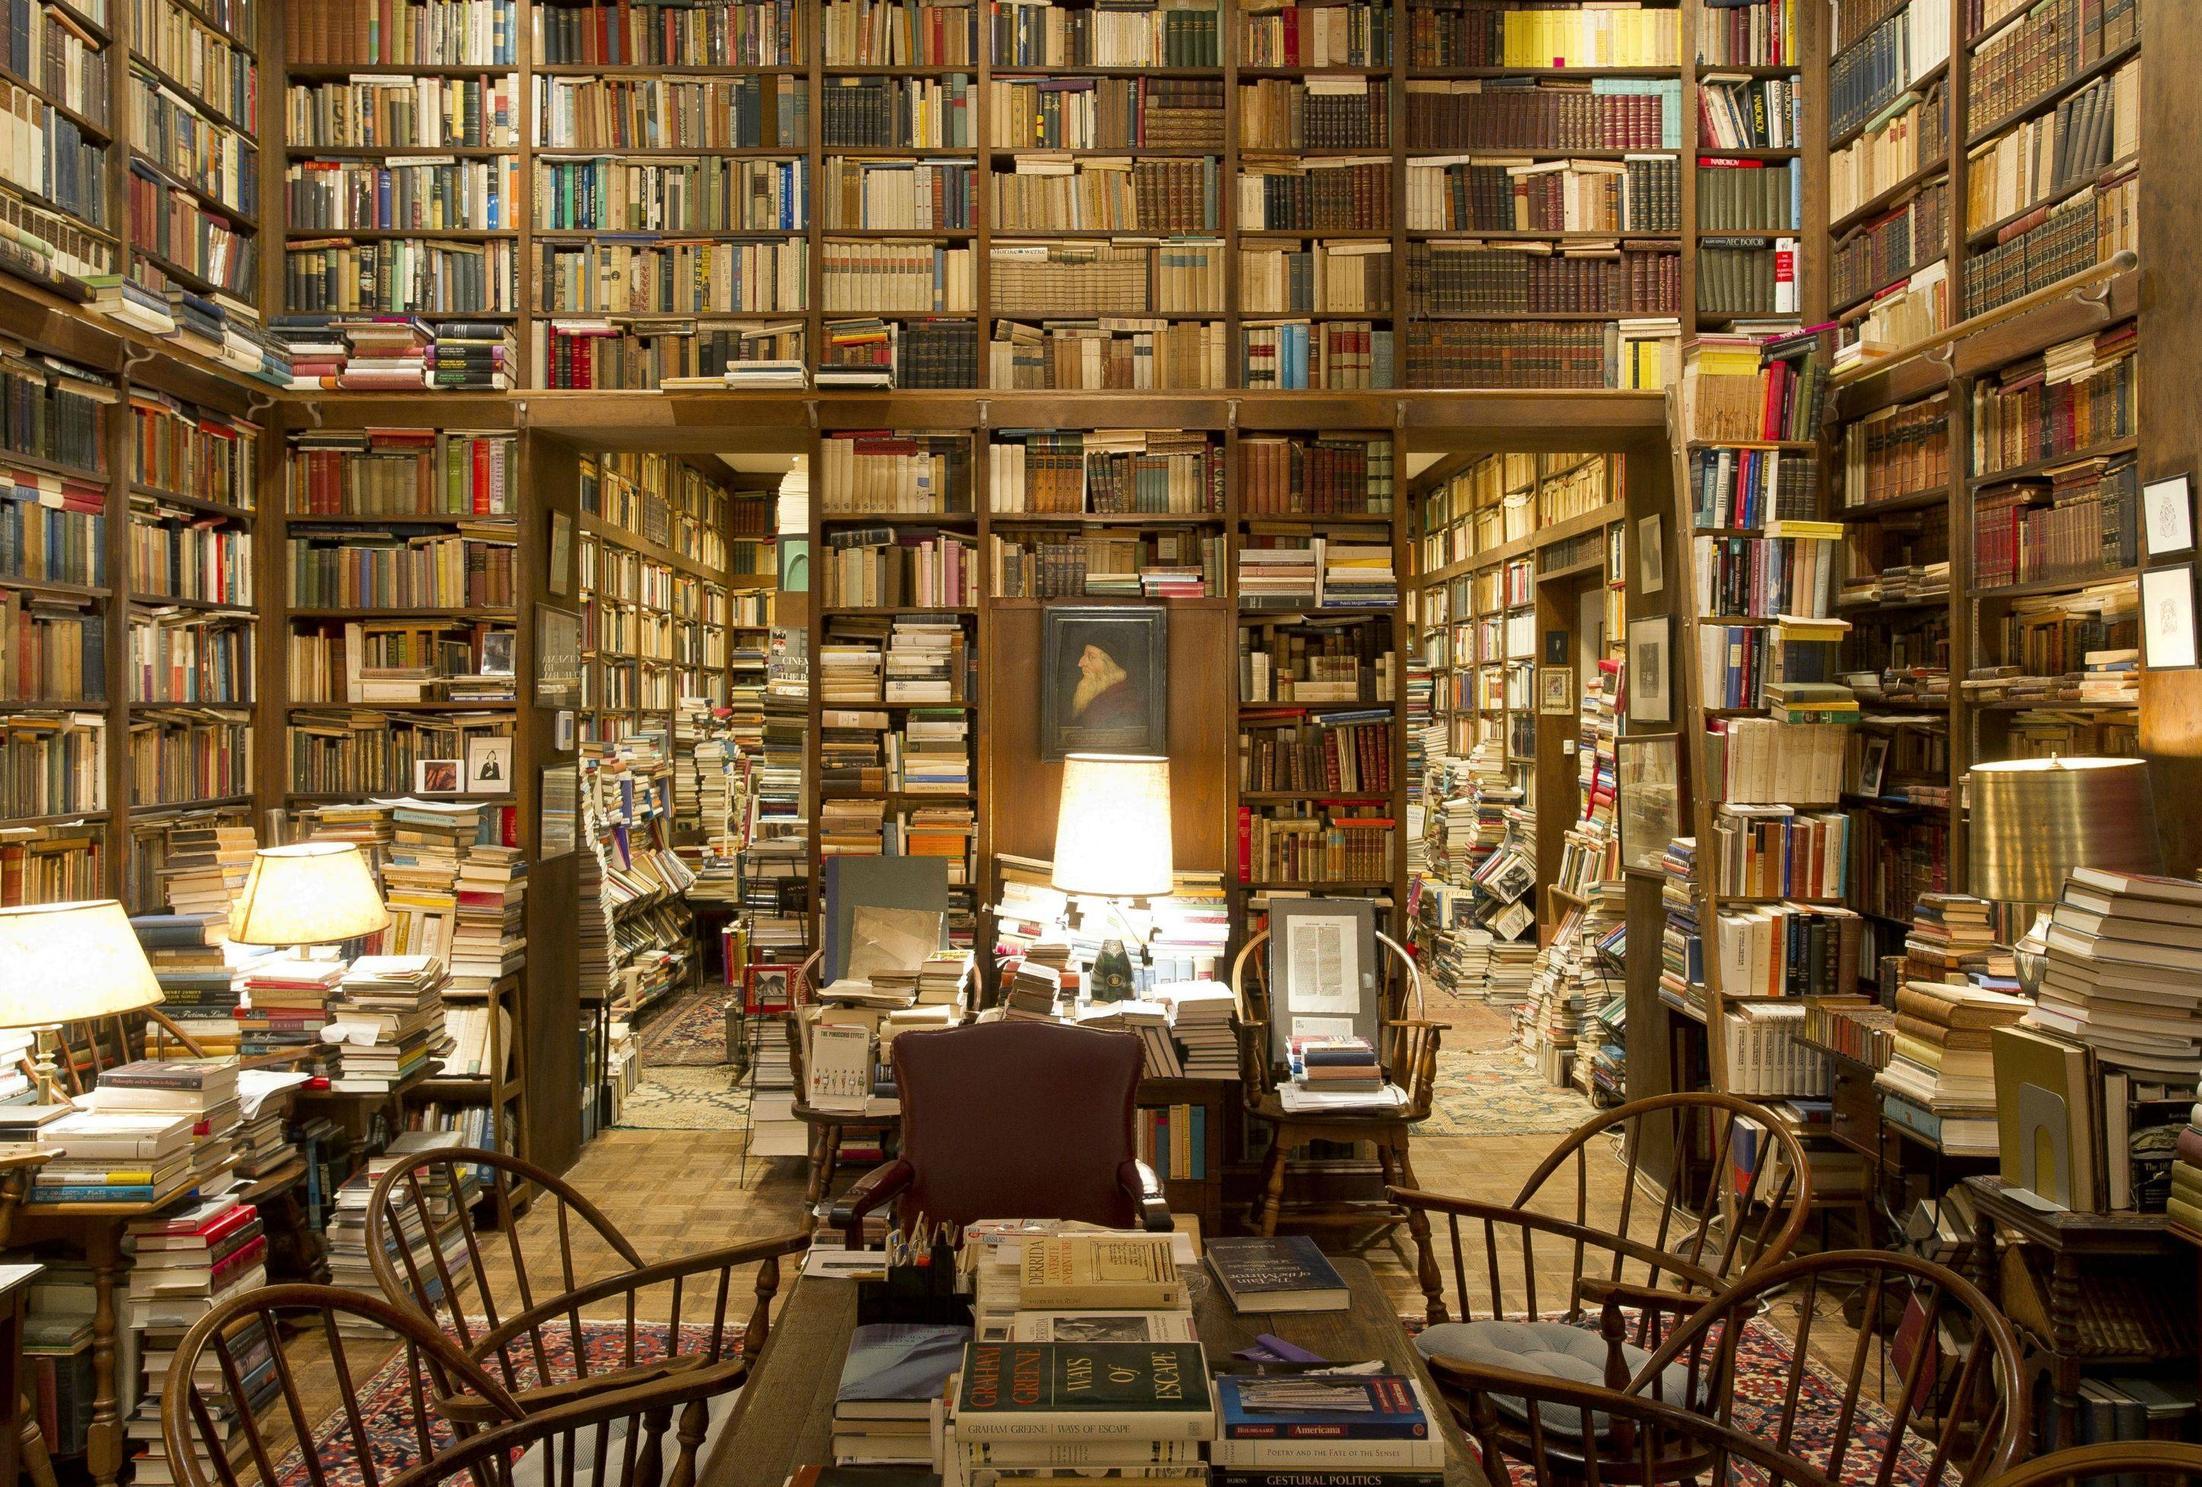 library books wallpaper - wallpapersafari